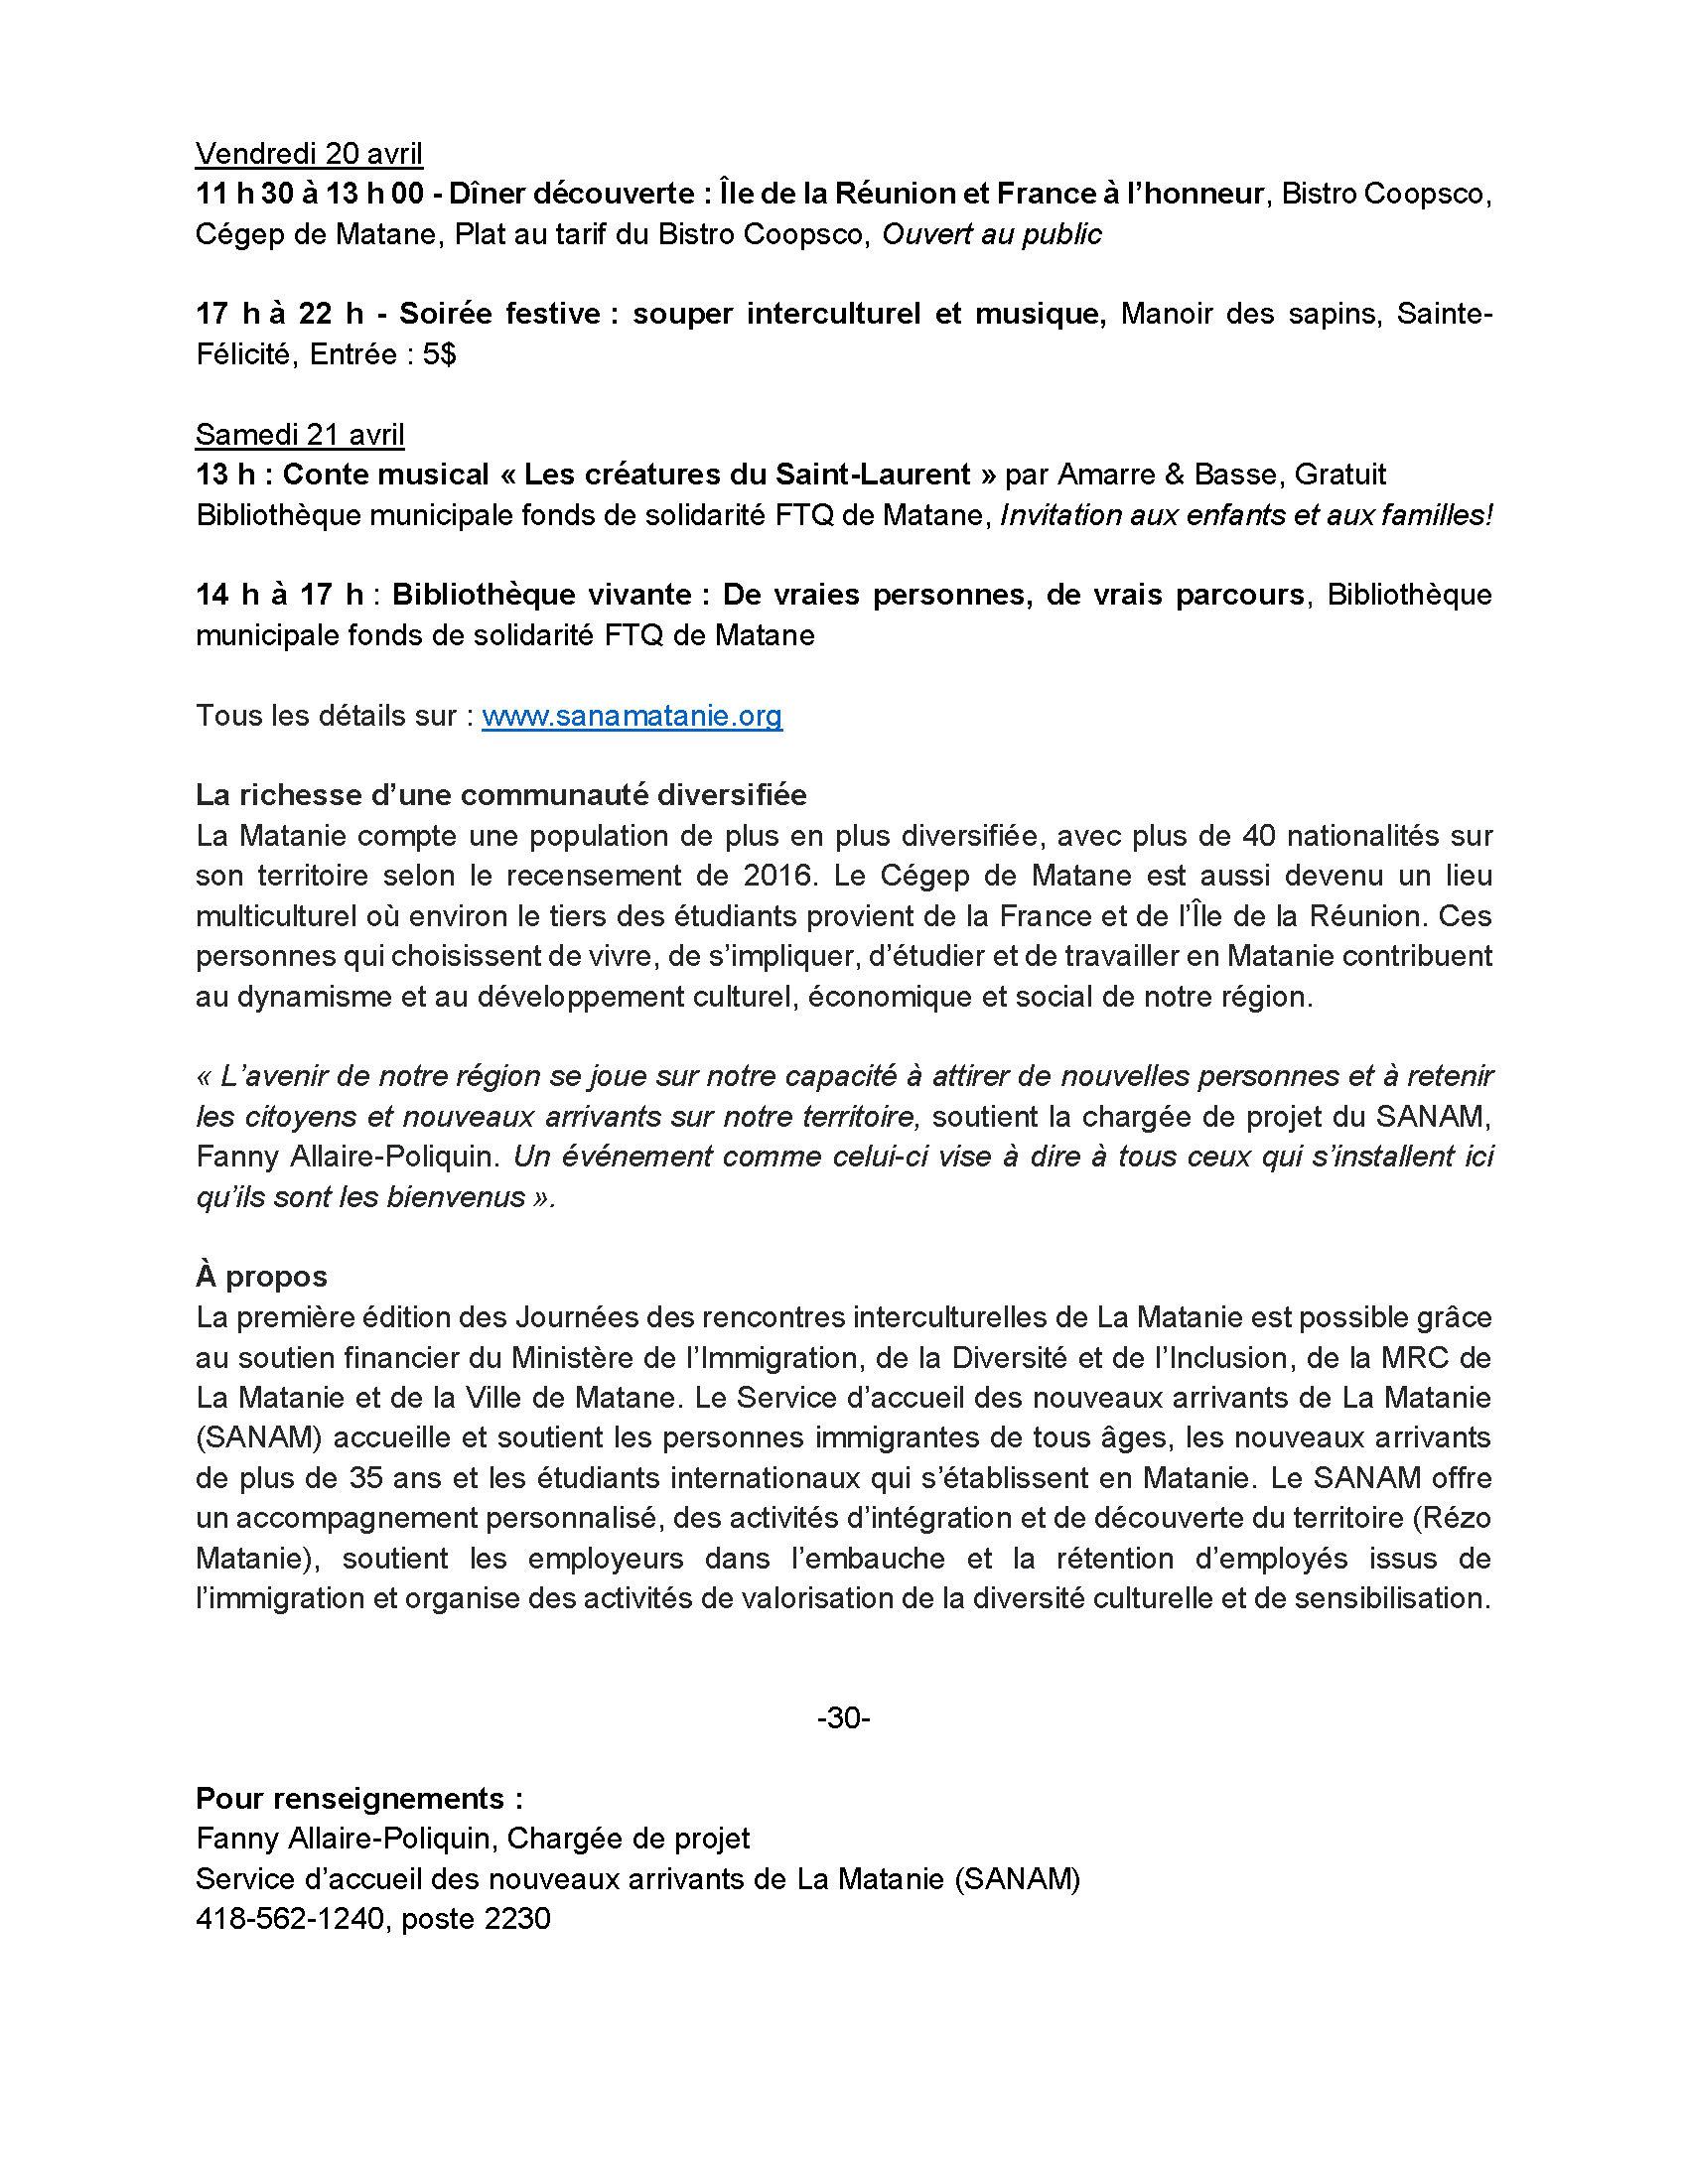 COMMUNIQUÉ _ Journées rencontres interculturelles_2018_Page_2